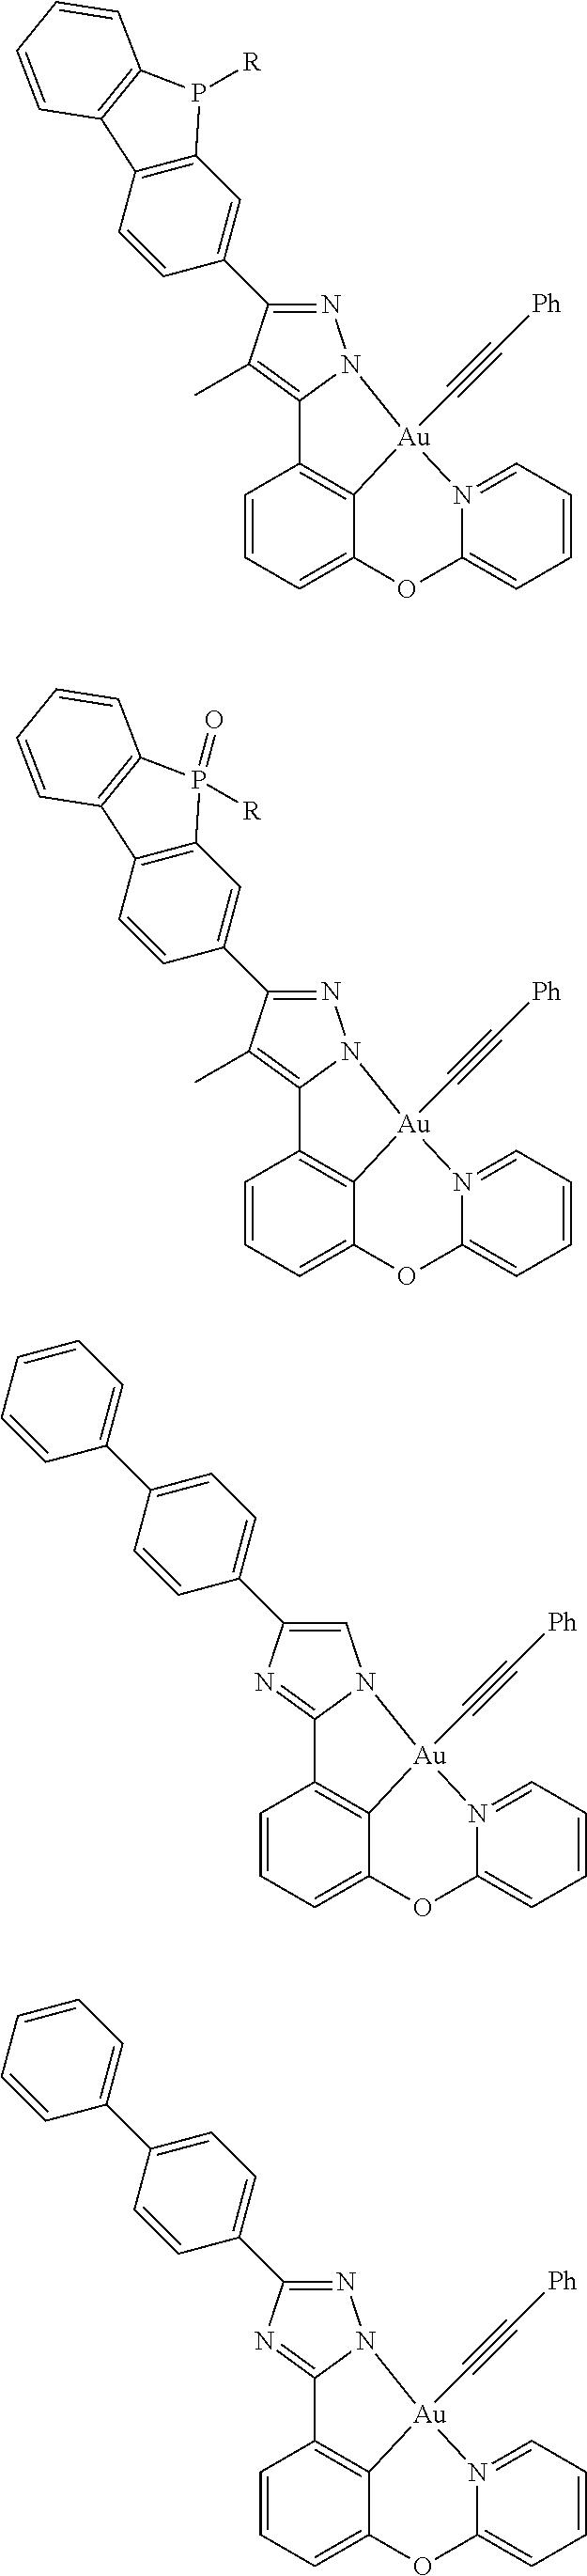 Figure US09818959-20171114-C00219